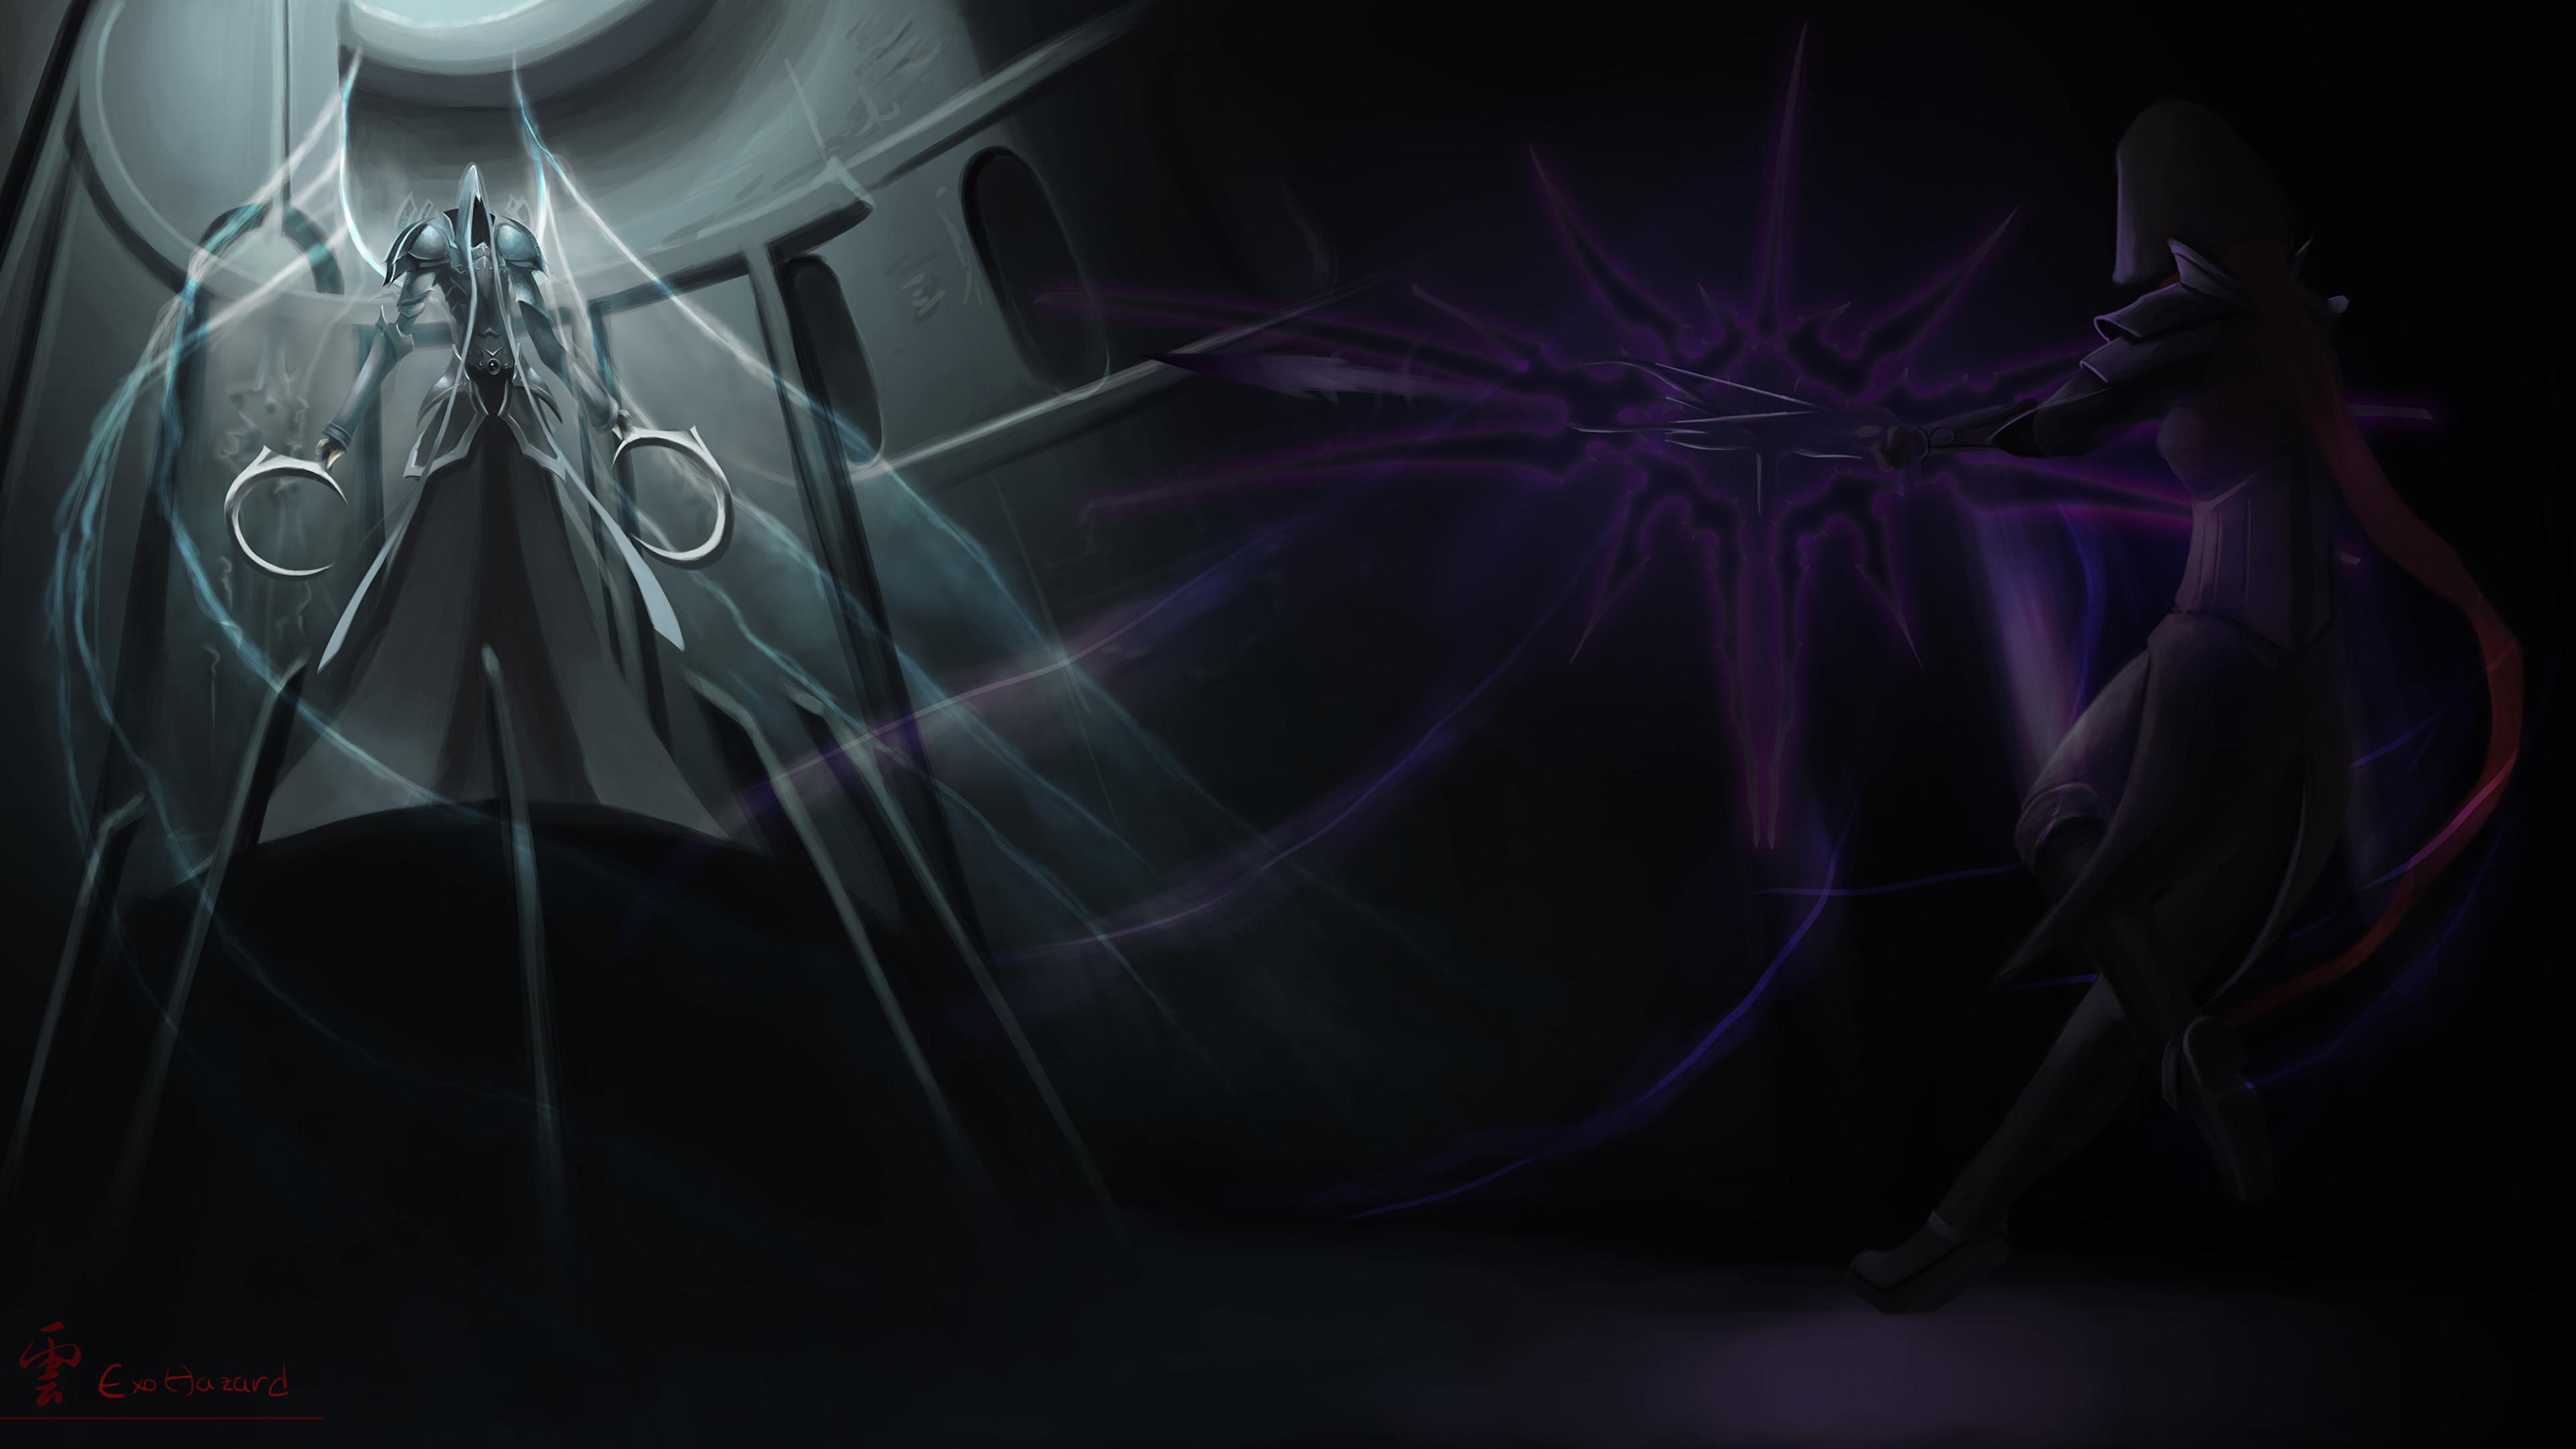 Images Diablo Iii Demons Warriors Demon Hunter Vs Malthael 3840x2160